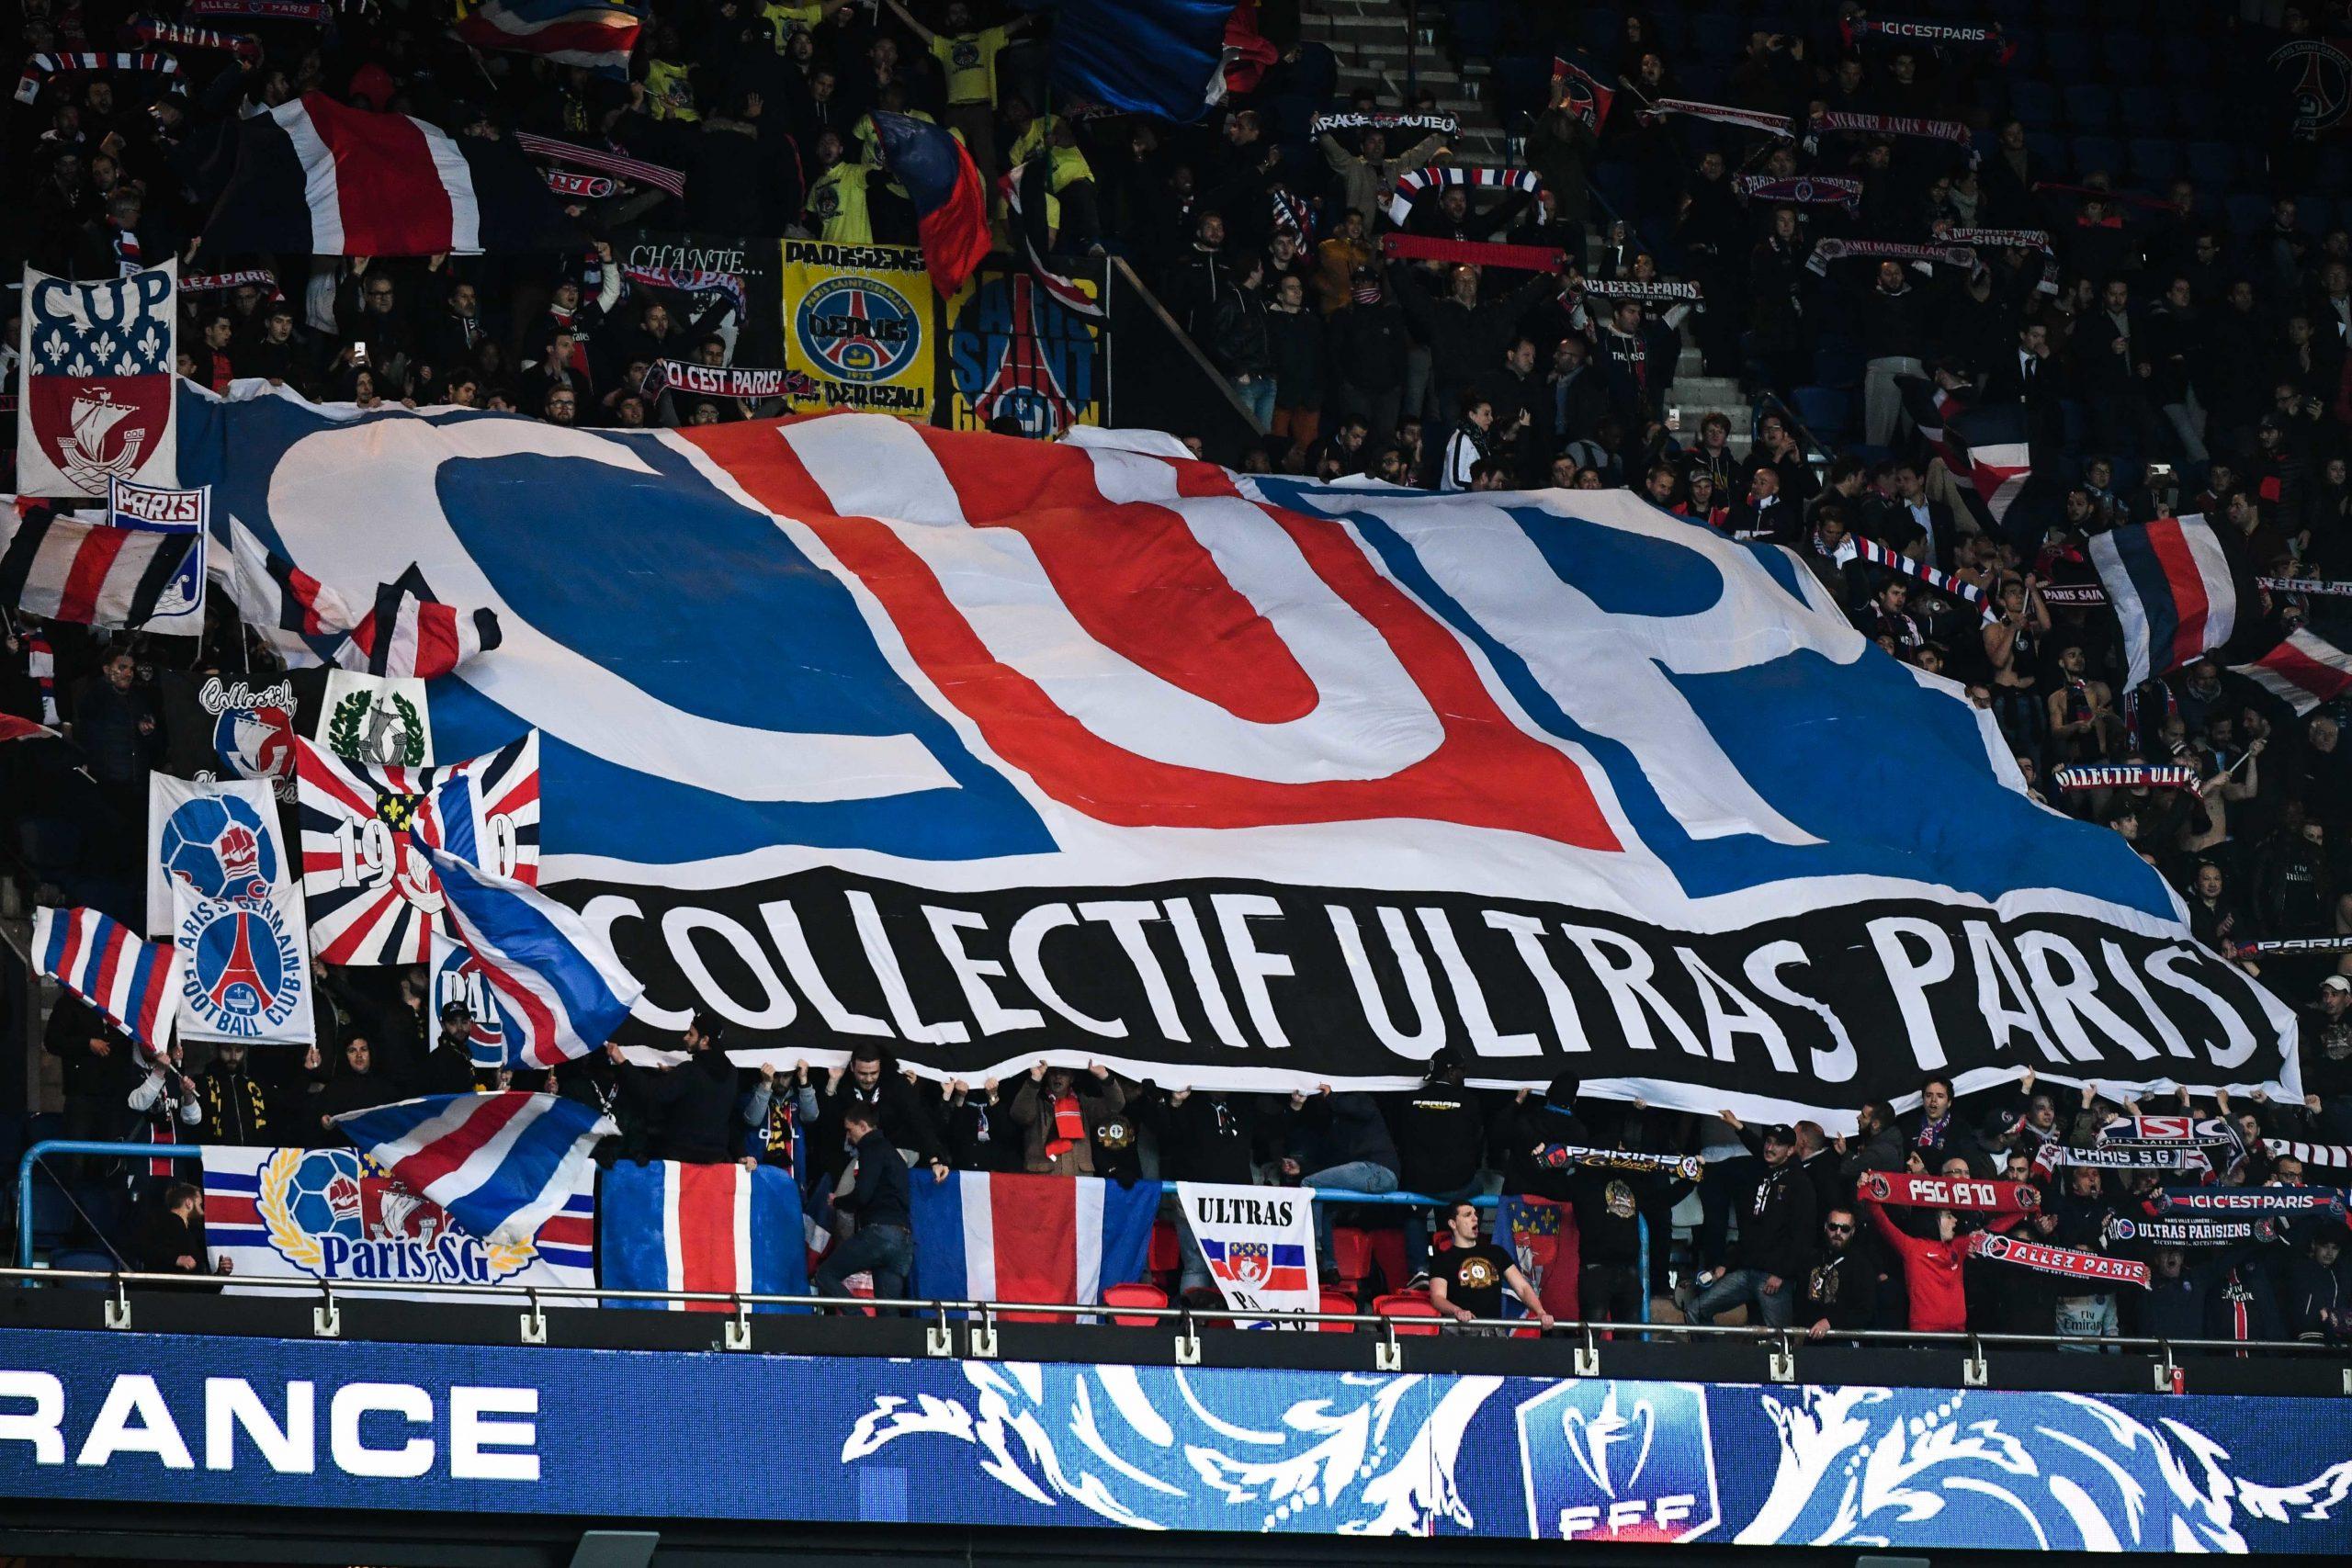 Le PSG ne prévoit pas de fête, le CUP donne rendez-vous au Parc des Princes à 17h